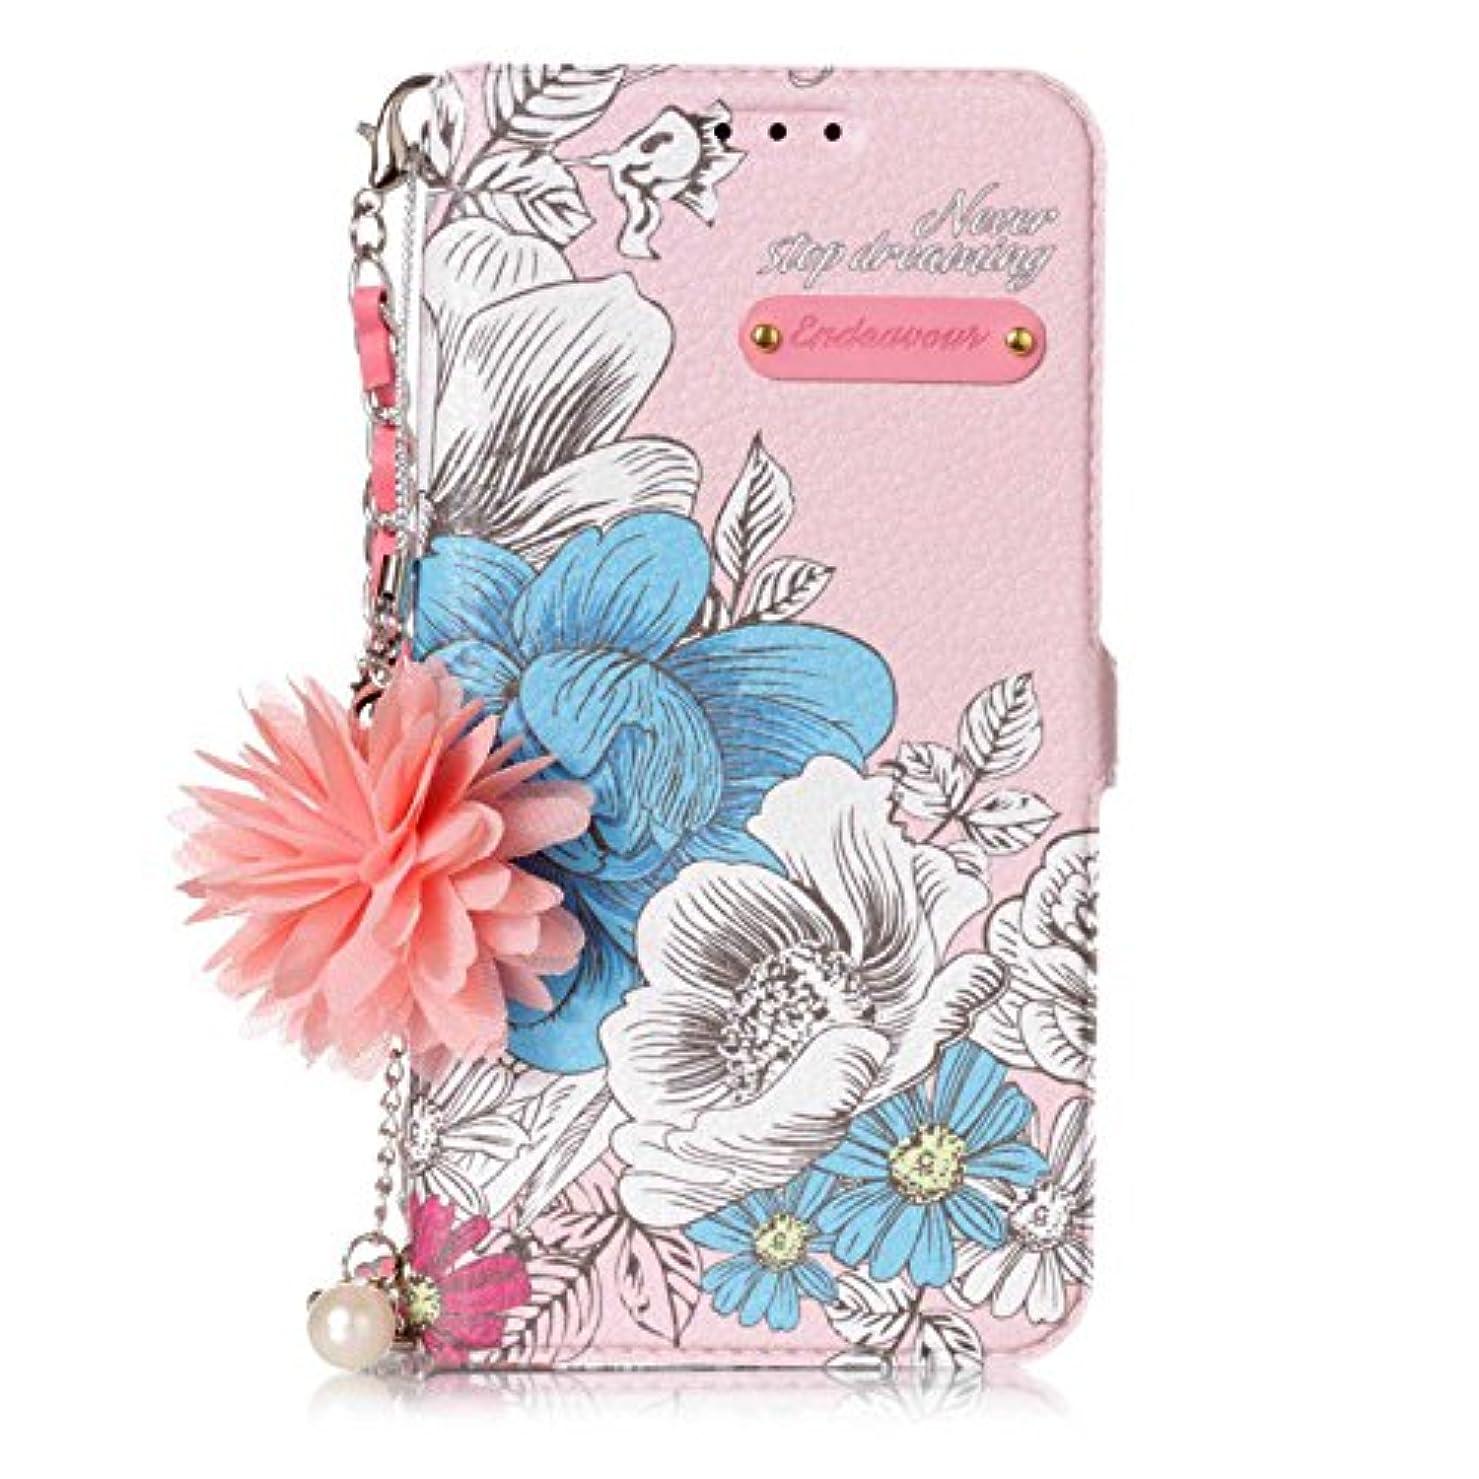 OMATENTI Galaxy S6 Edge ケース, 簡約風 軽量 PU レザー 財布型 カバー ケース, こがら 花柄 人気 かわいい レディース用 ケース ザー カード収納 スタンド 機能 マグネット, Galaxy...